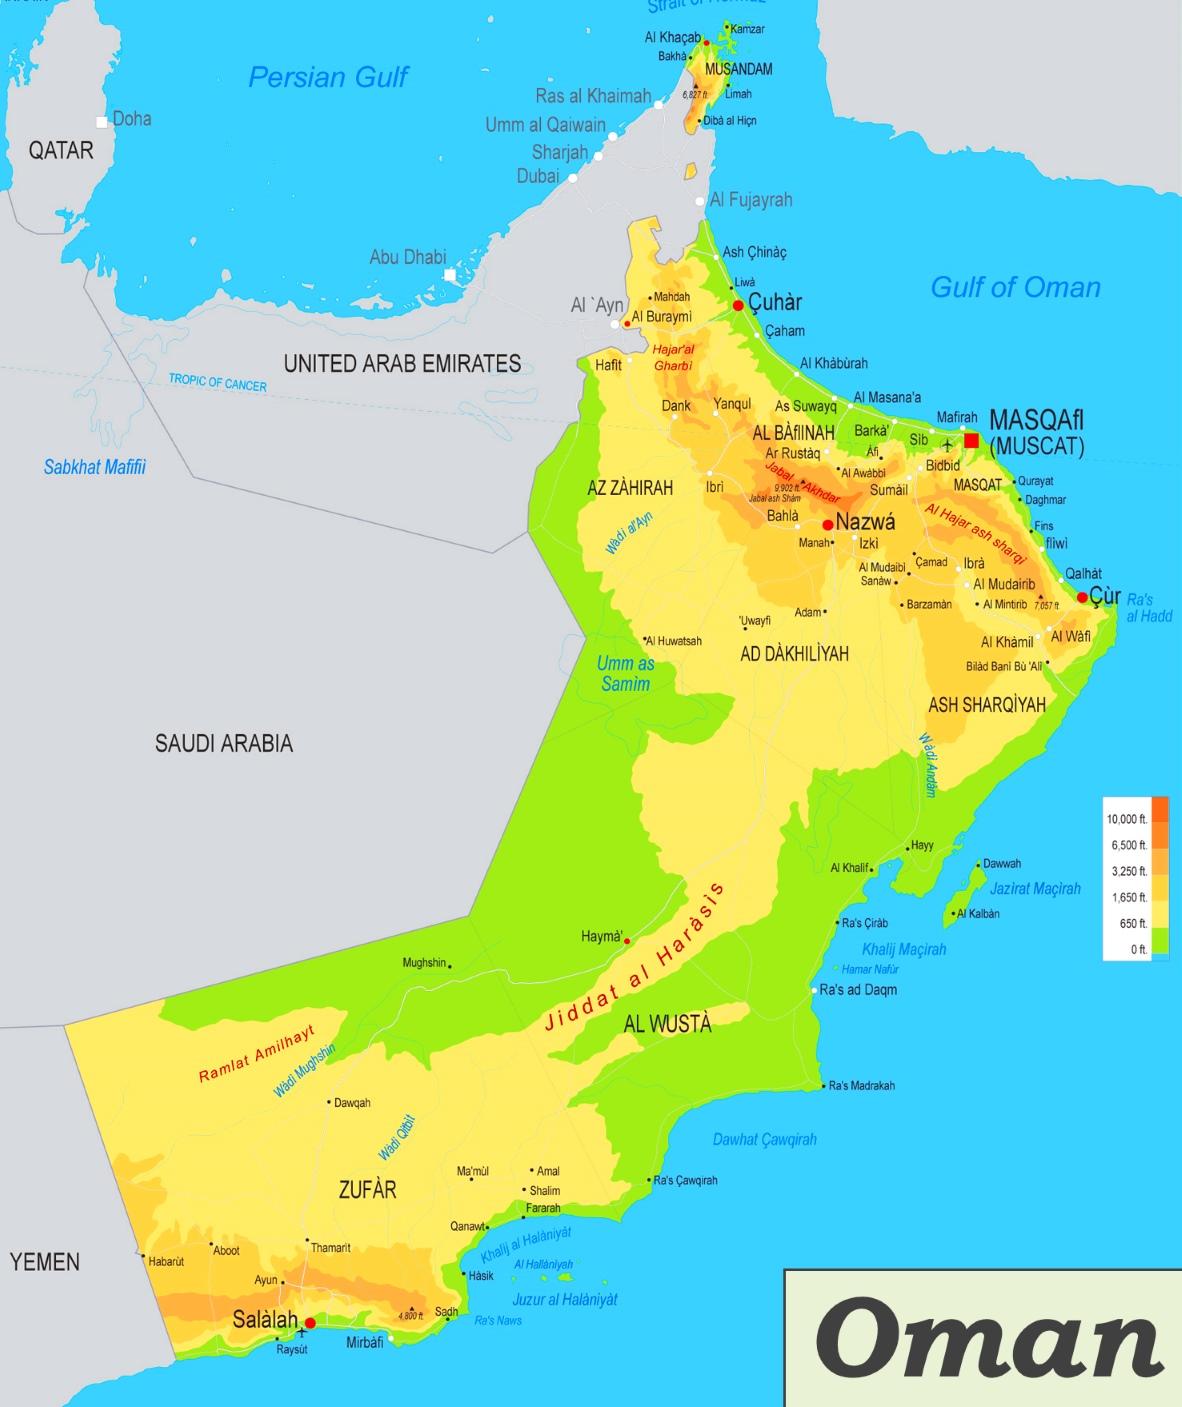 Karte Oman.Physische Landkarte Von Oman